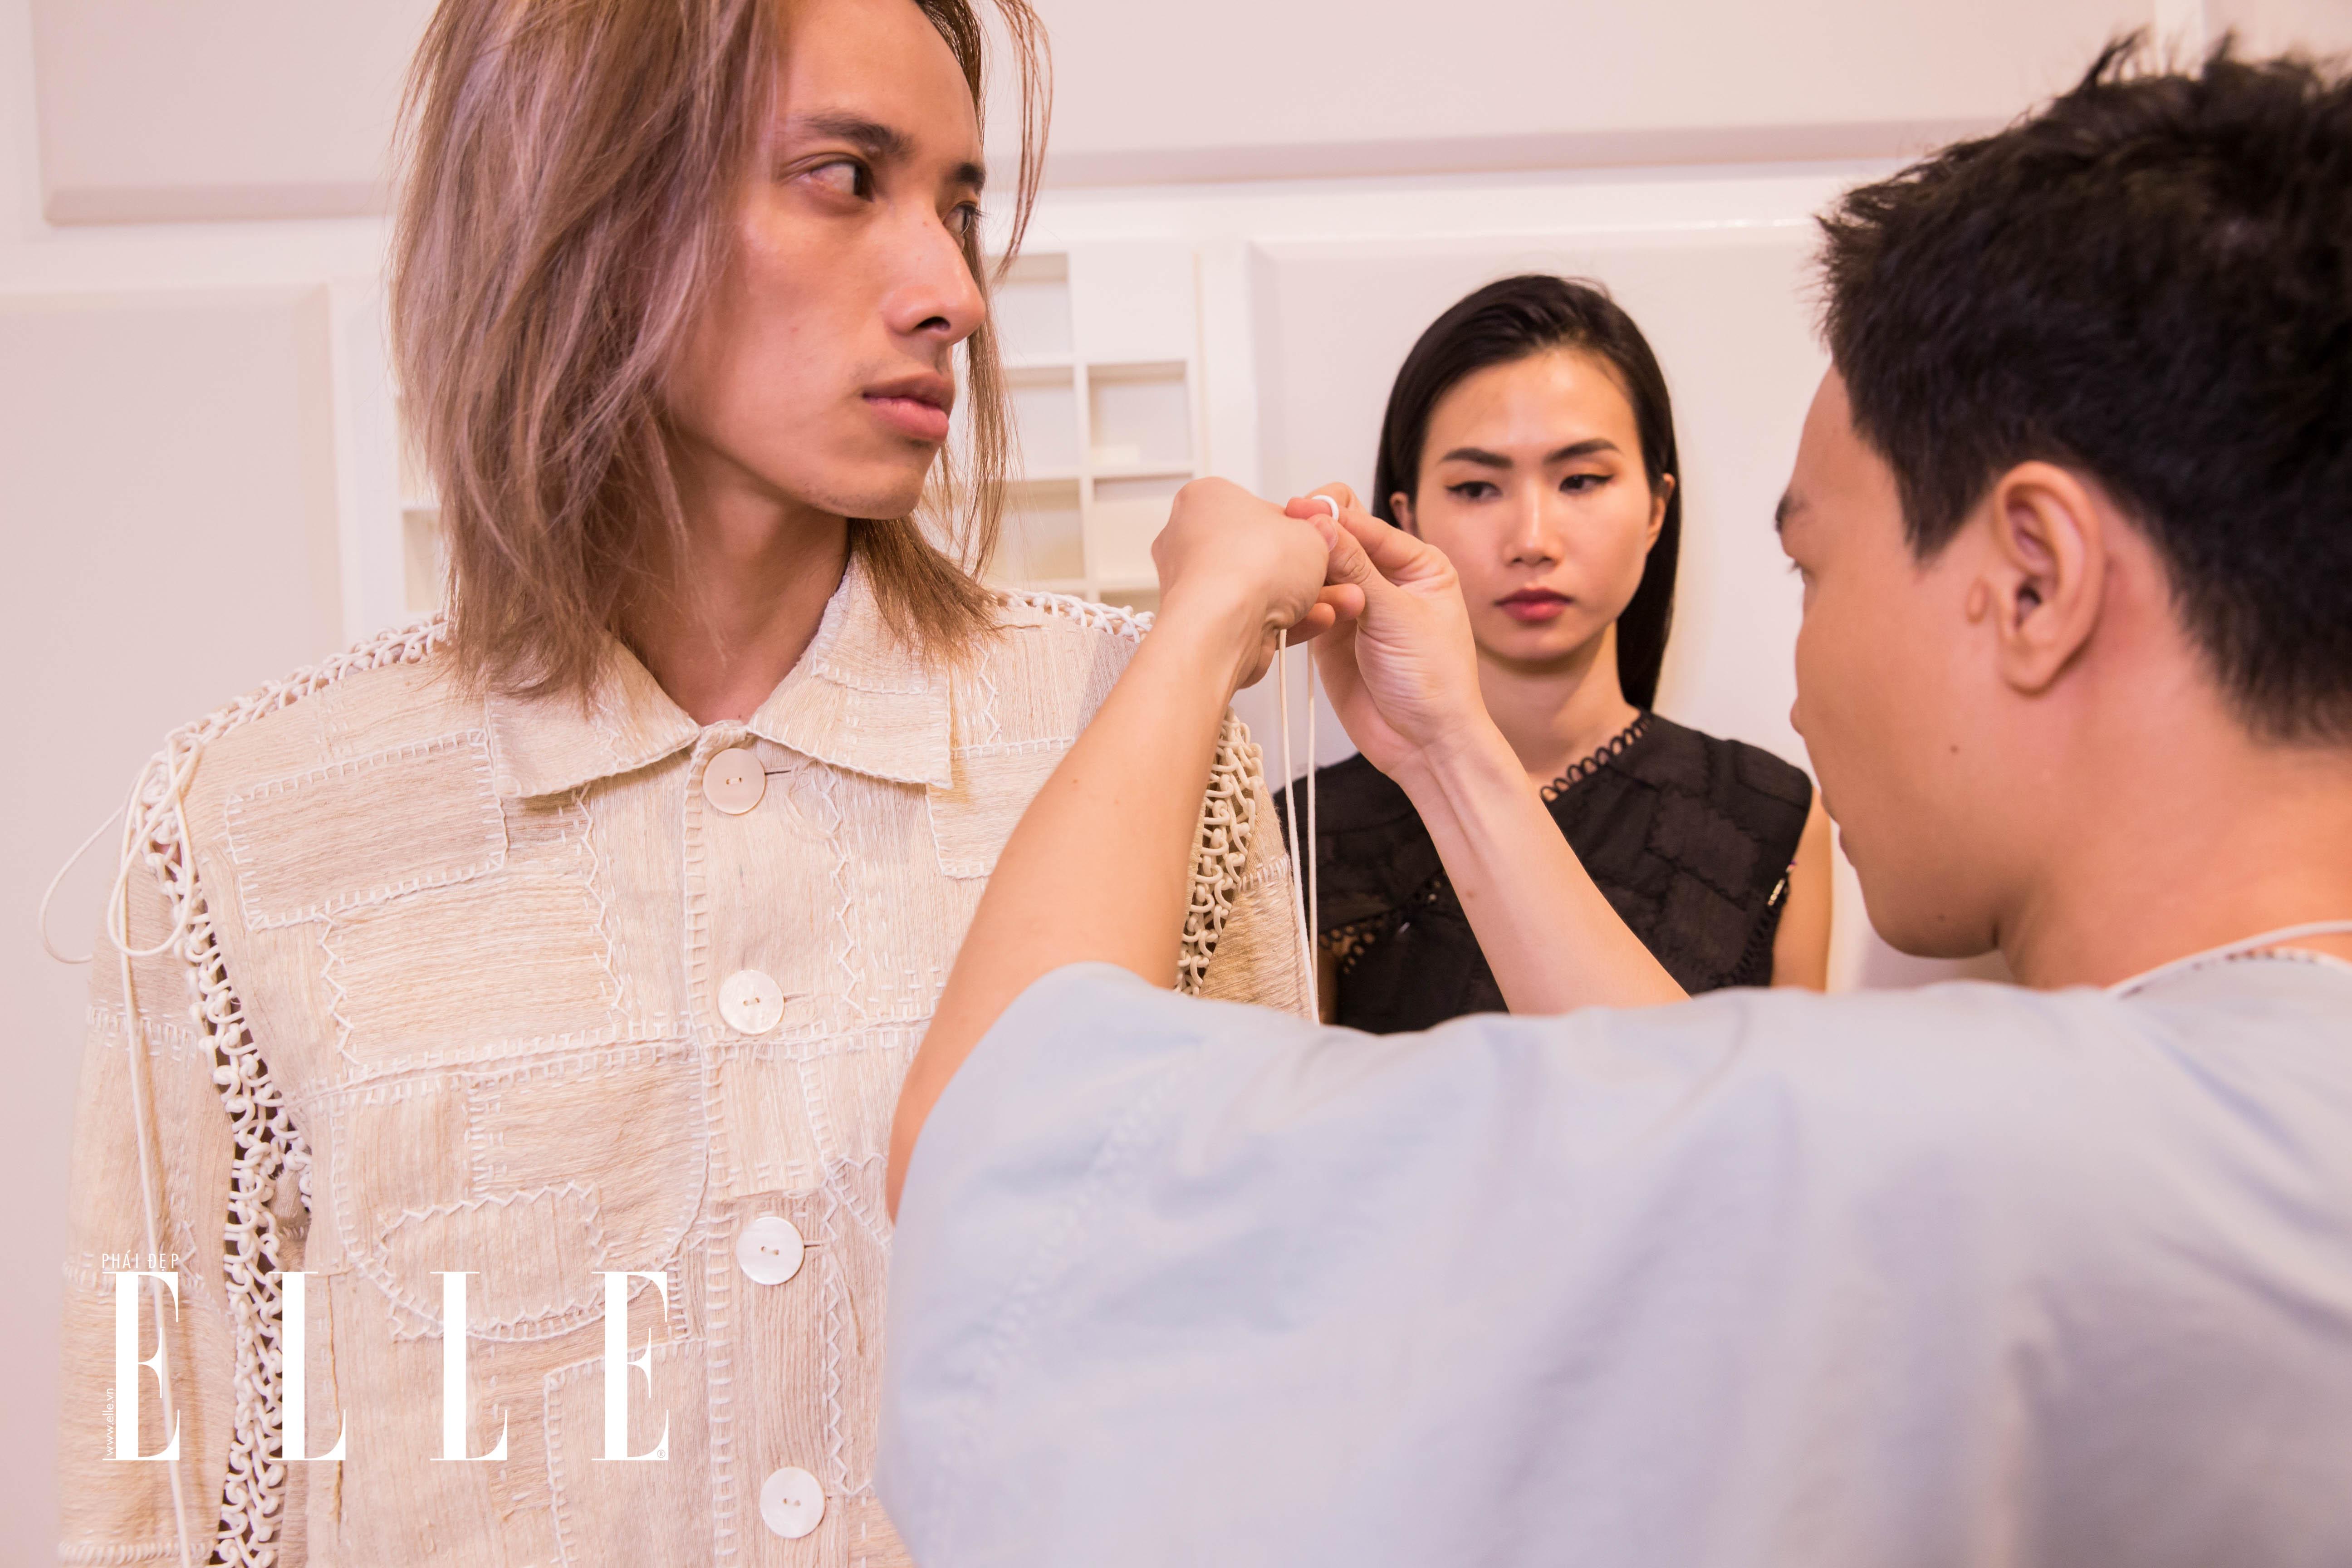 Nhà thiết kế Nguyễn Hoàng Tú chỉnh trang lại y phục cho người mẫu Việt Dũng. Ảnh: ELLE Việt Nam